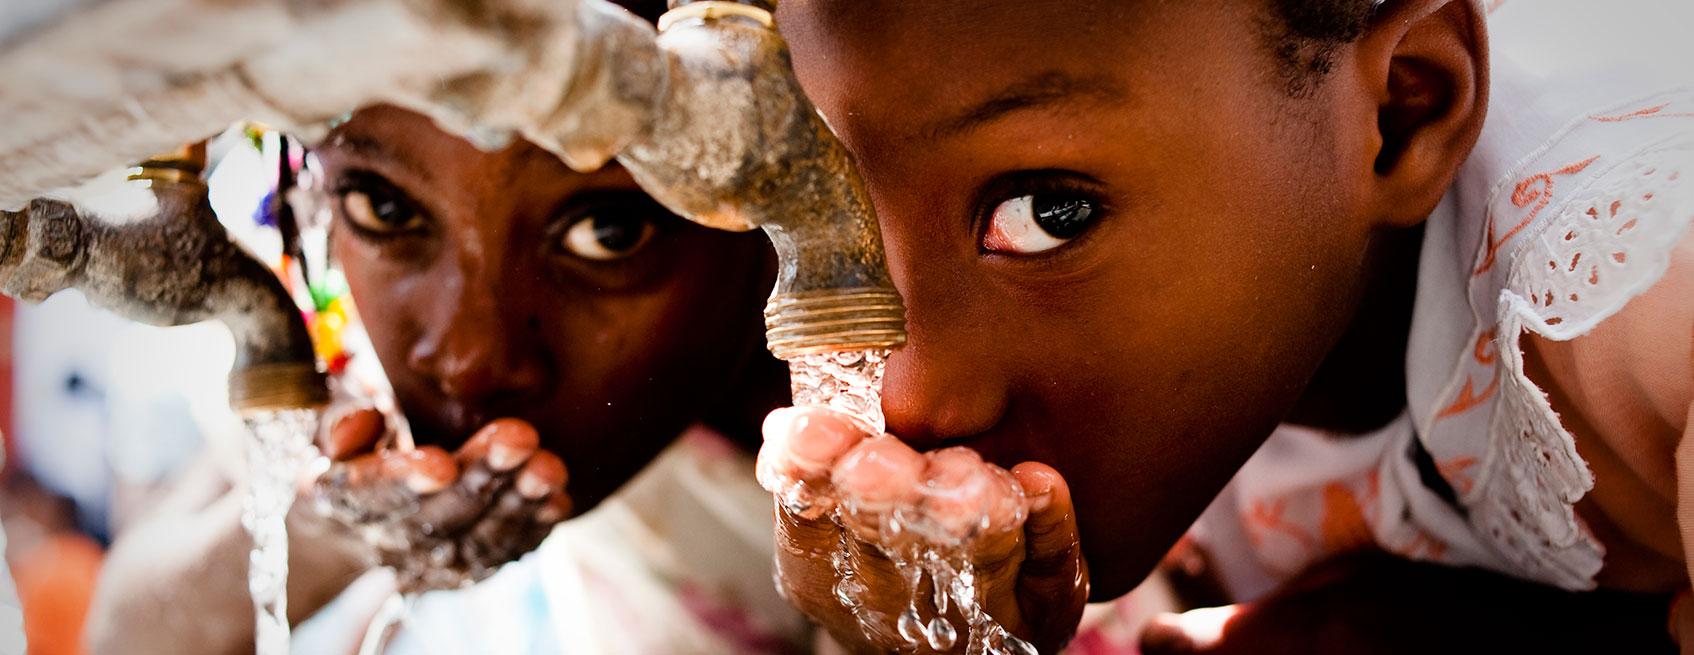 Haitian girls drinking water